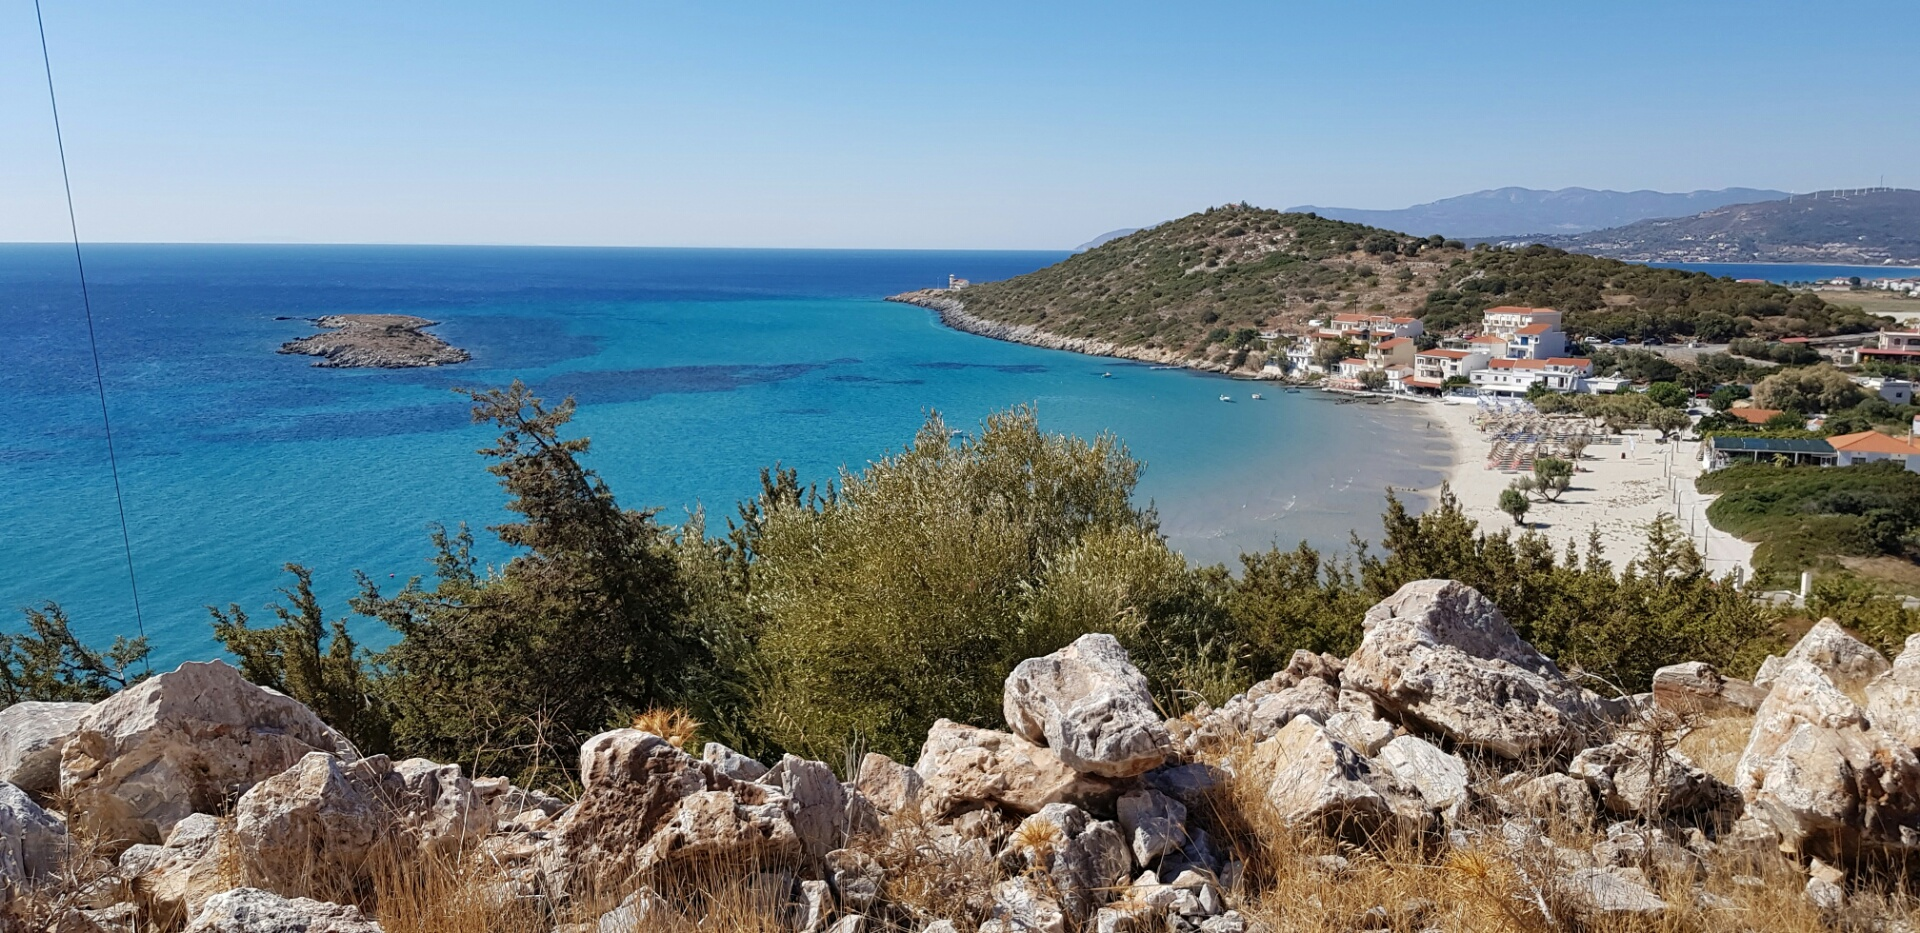 Psili Ammos, Samos